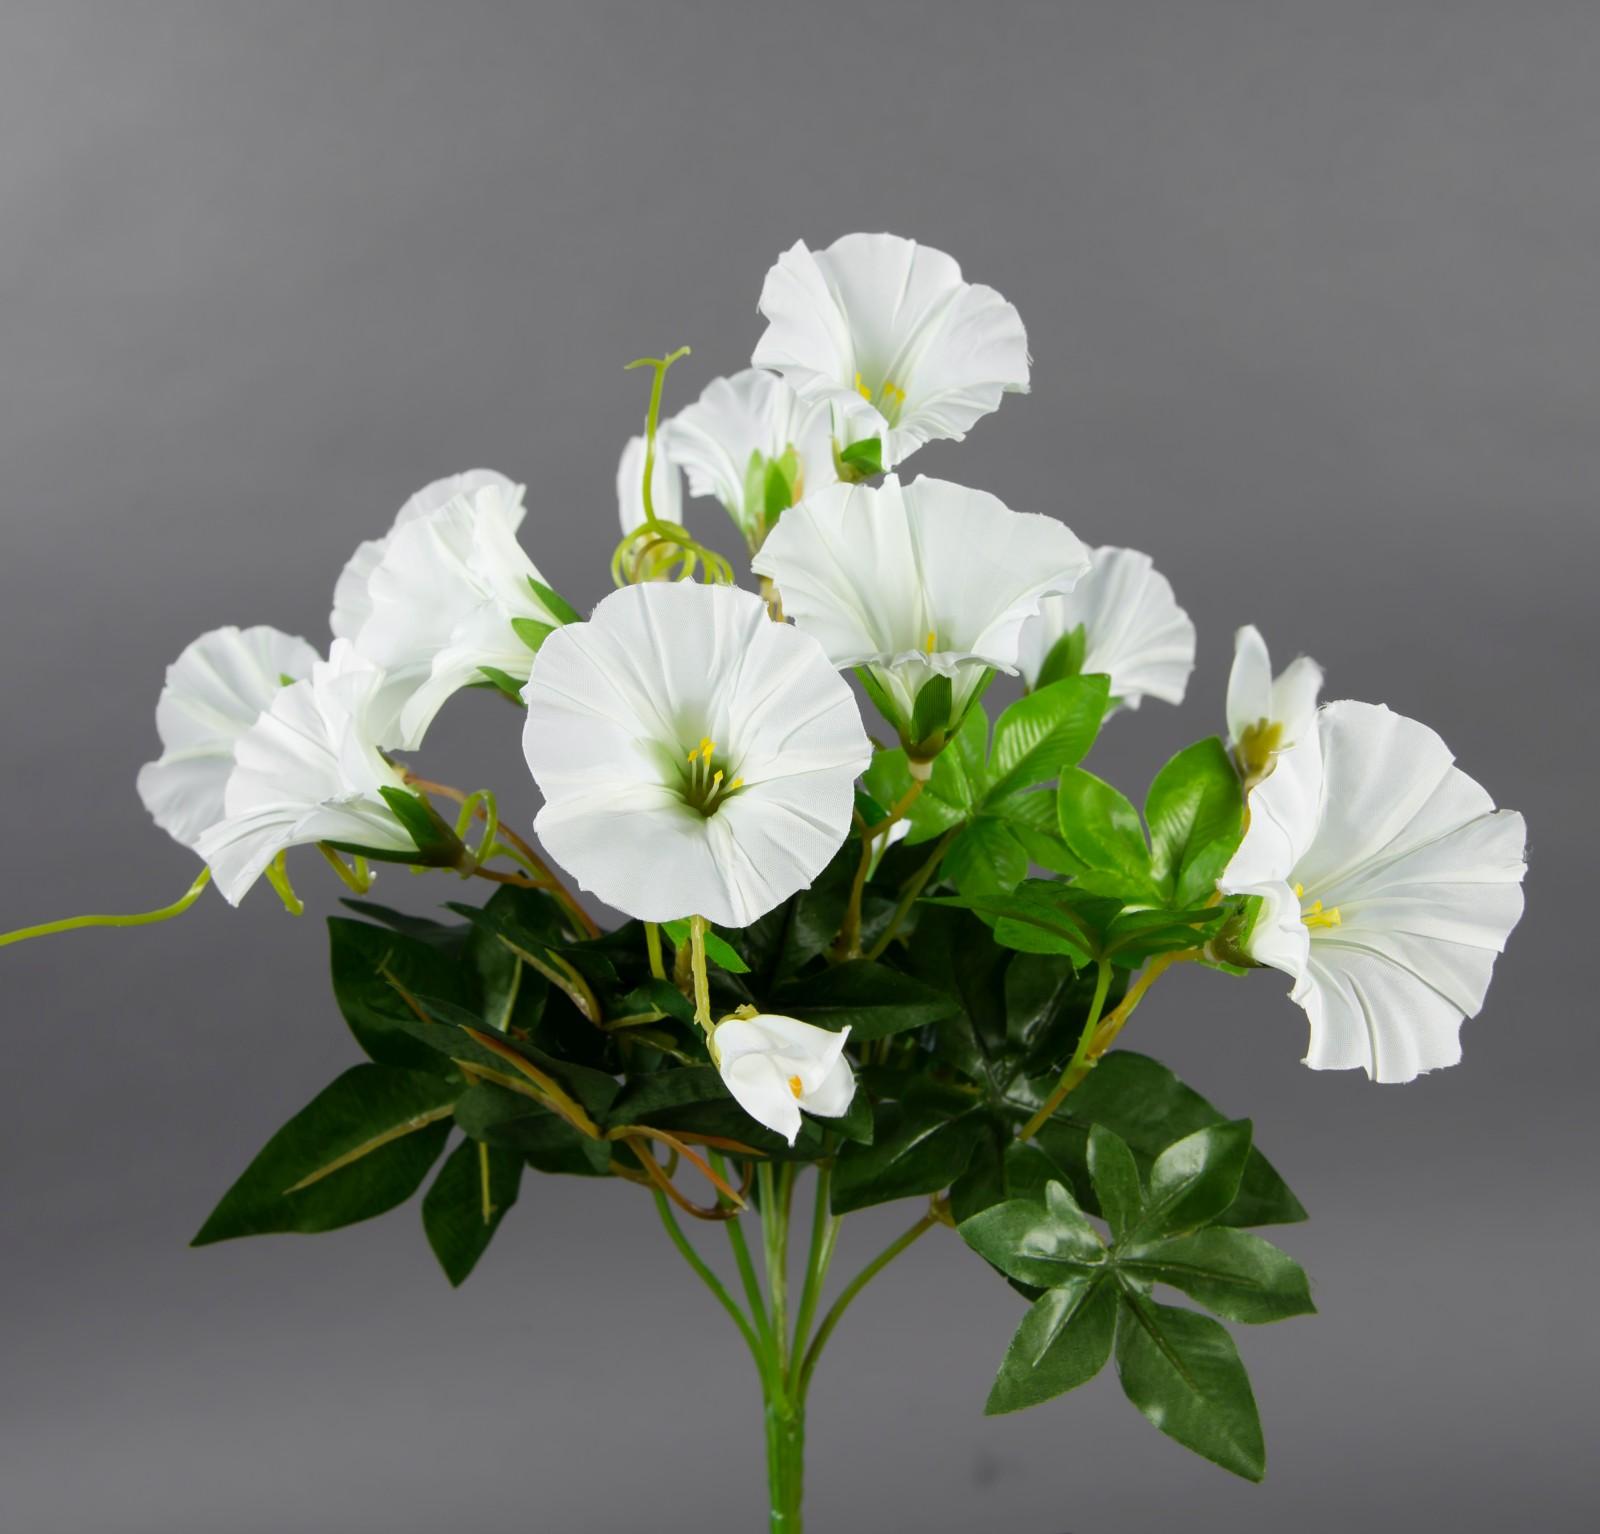 petunienbusch 28cm wei ohne topf zf k nstliche pflanze k nstliche petunie kunstblume. Black Bedroom Furniture Sets. Home Design Ideas